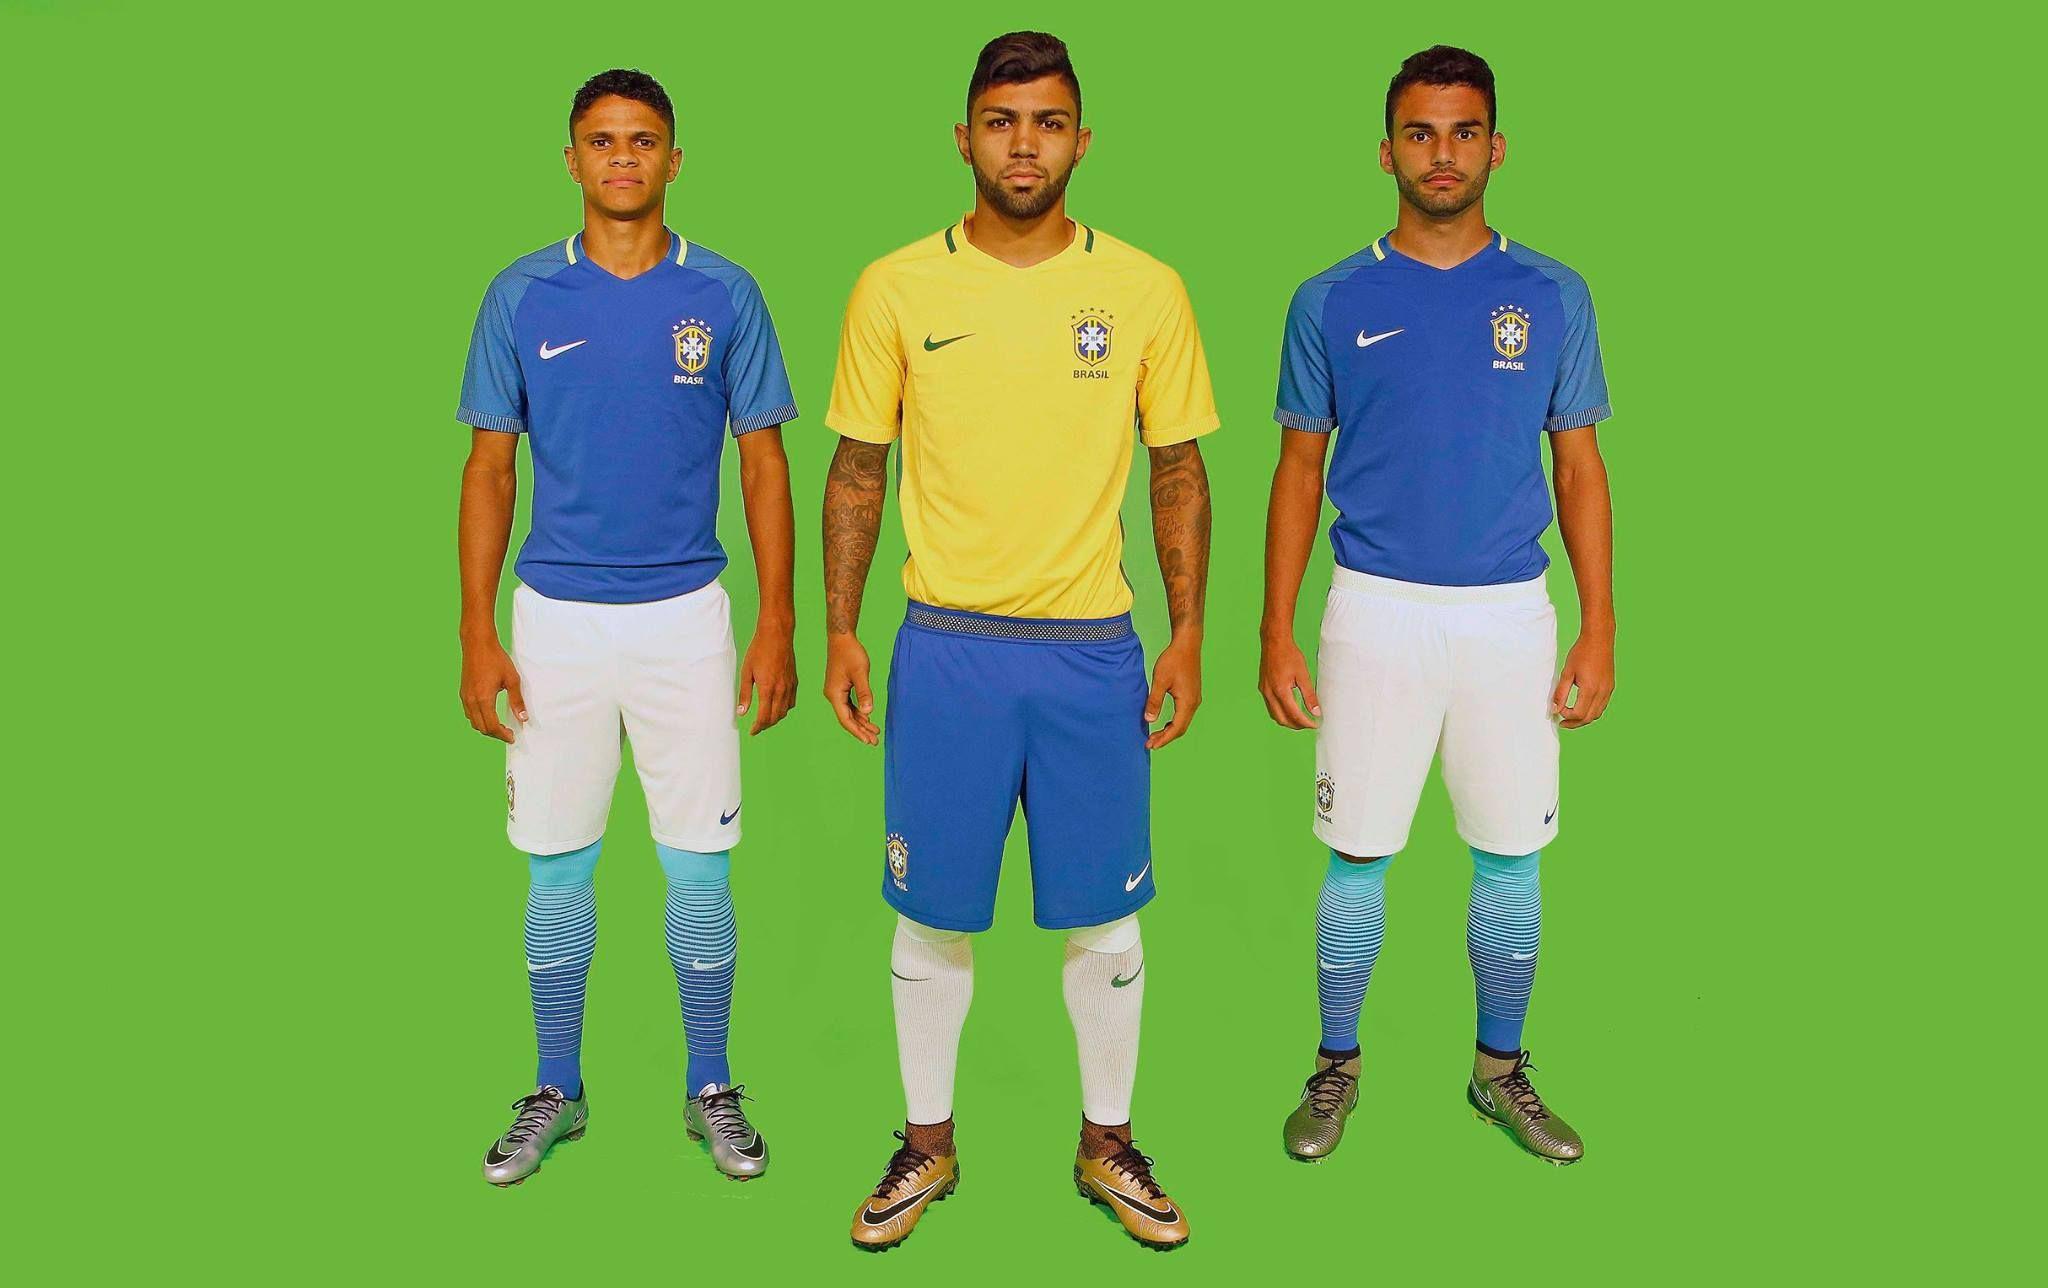 CBF divulga novos uniformes da Seleção - Band.com.br 29c7791a079d6